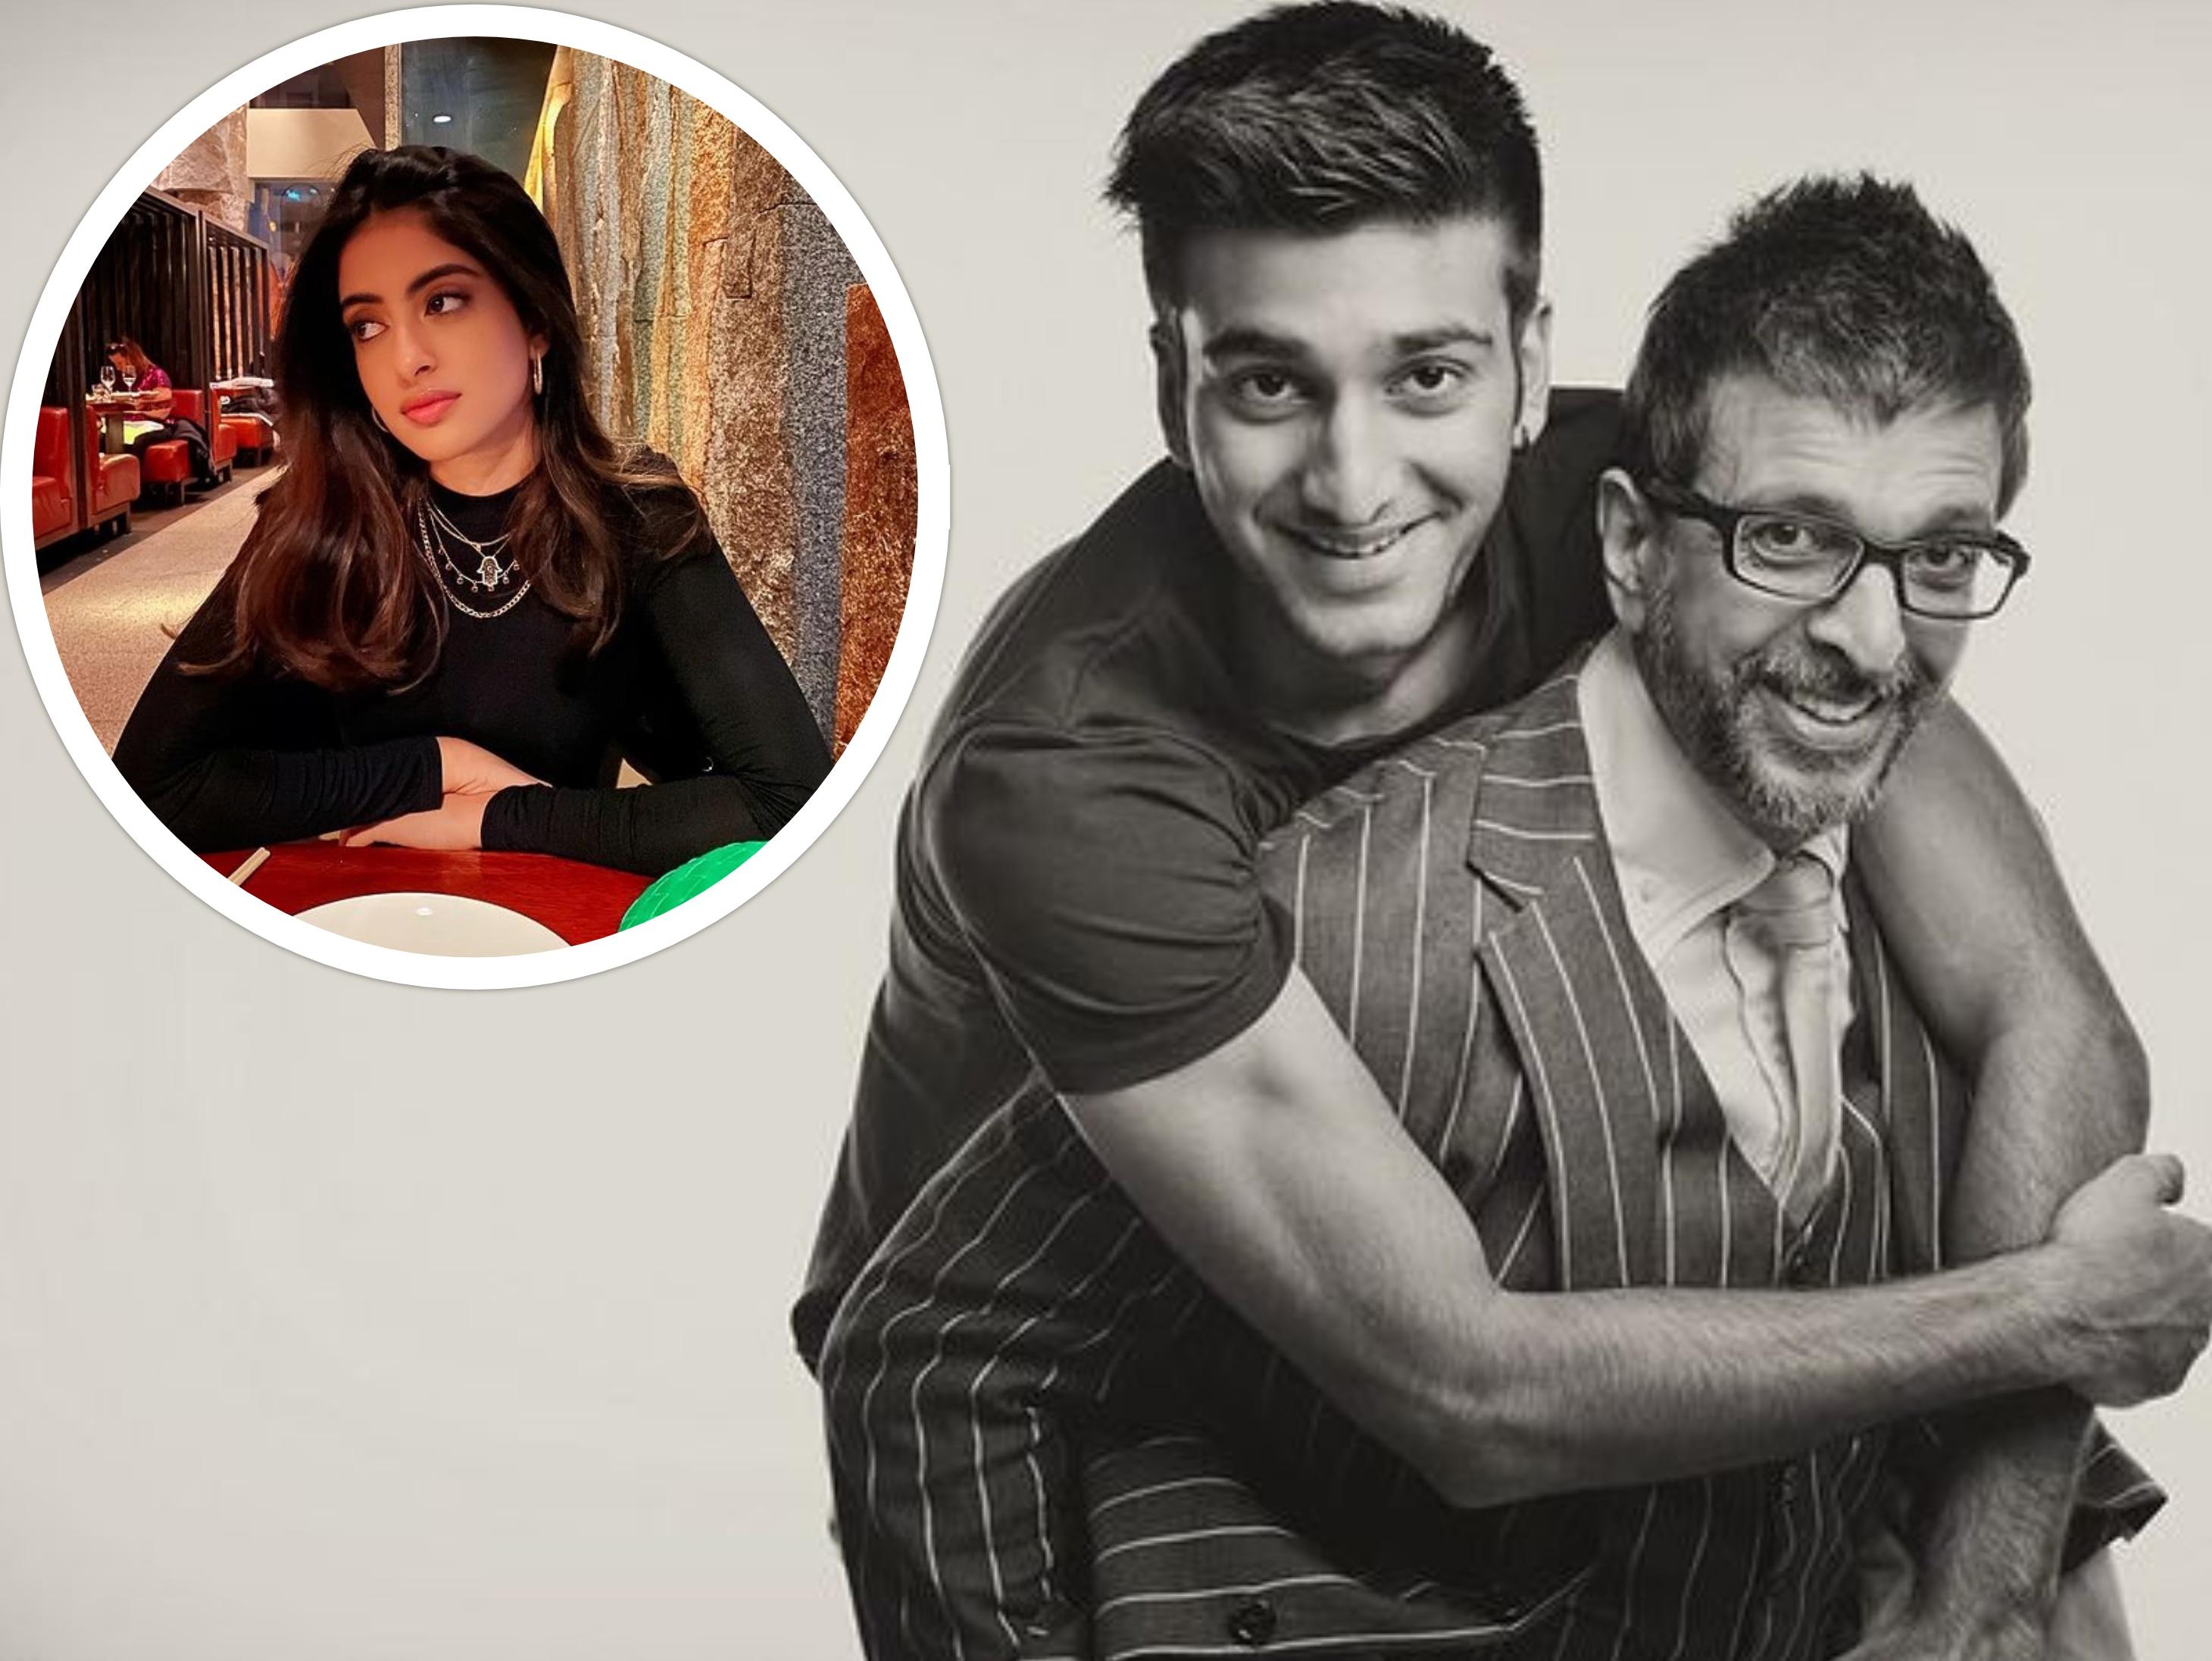 अमिताभ की नातिन नव्या और बेटे मीजान के रिश्ते पर जावेद जाफरी बोले- अच्छा दोस्त होना हमेशा कुछ और ही माना जाता है|बॉलीवुड,Bollywood - Dainik Bhaskar